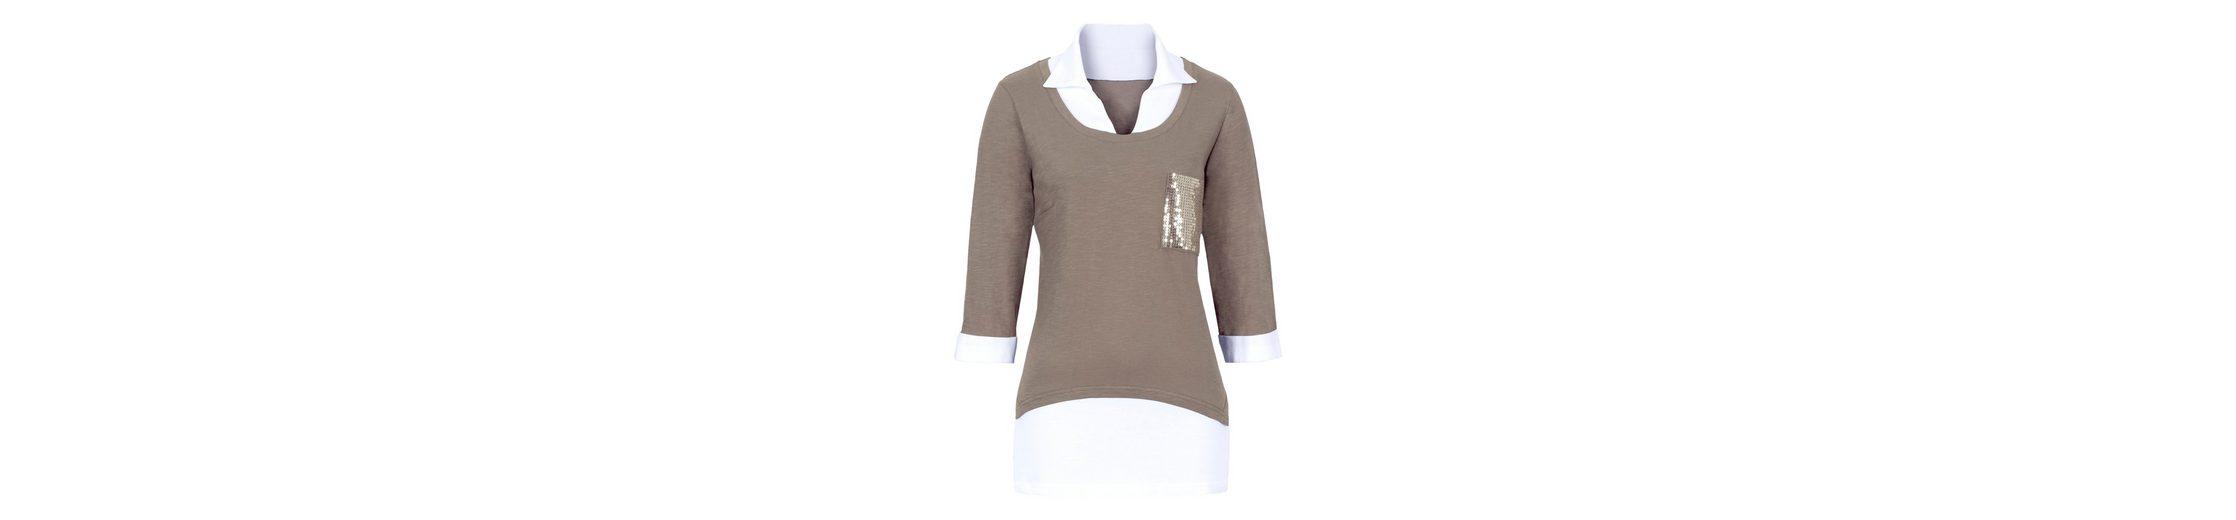 Basics Classic Shirt Classic an Ausschnitt Einsatz wei脽em Basics mit Sqq7zwE